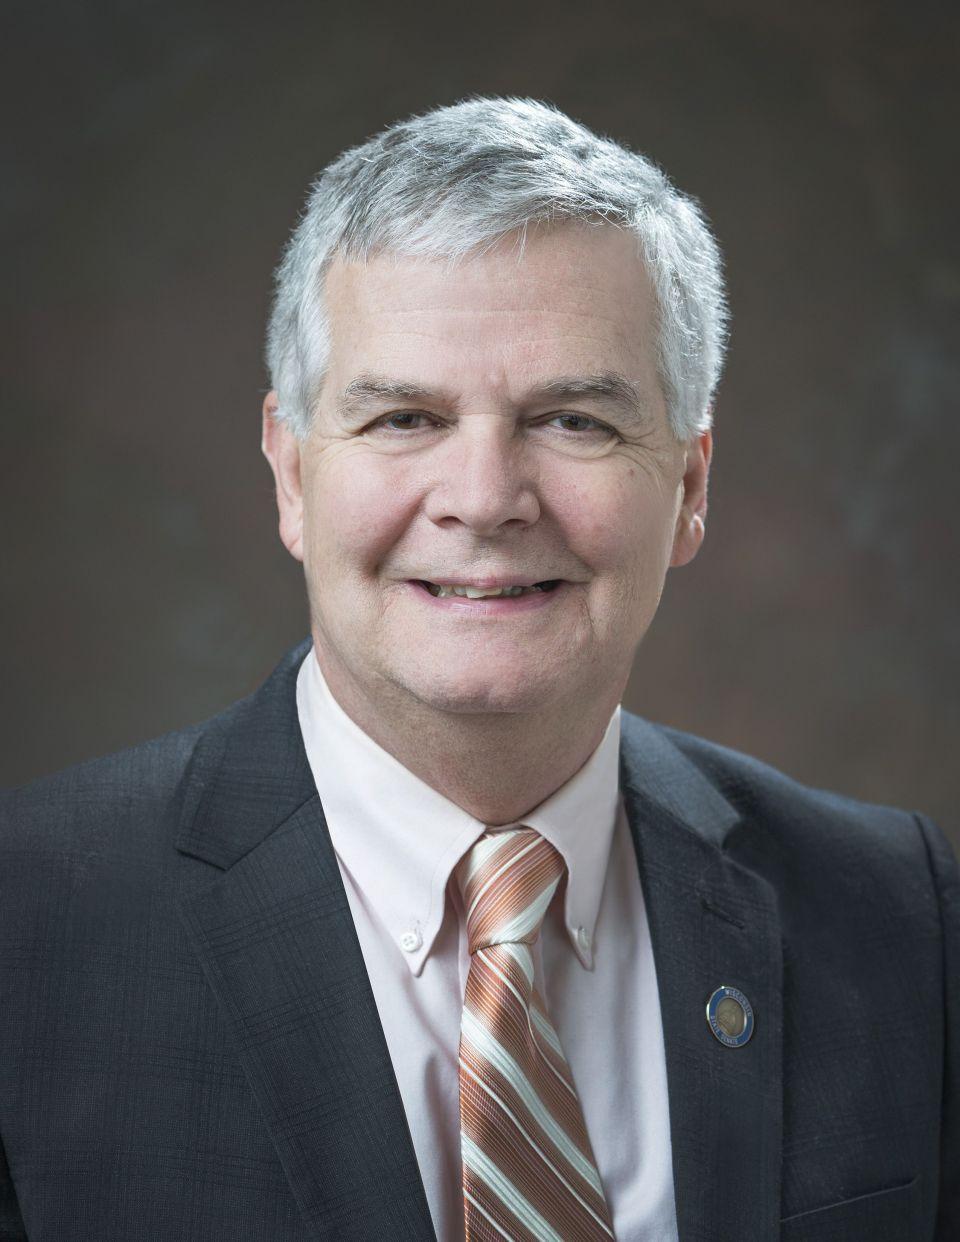 Sen. Jeff Smith